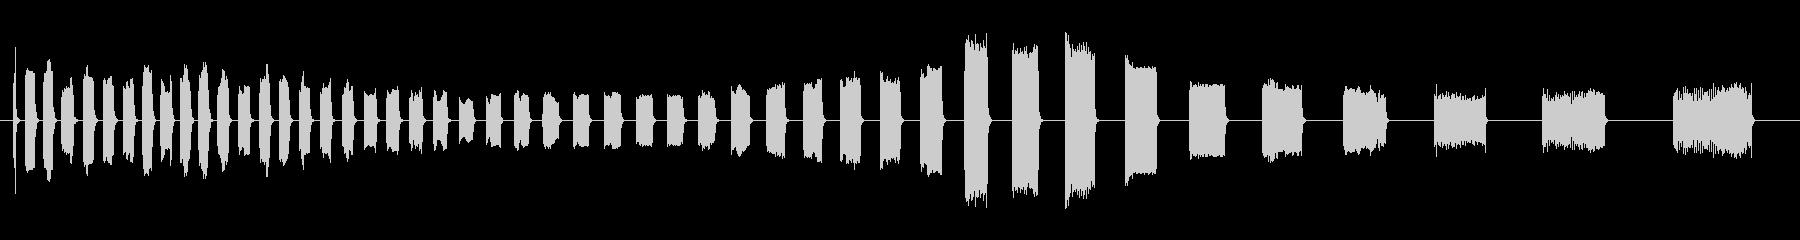 警報車タイプ1。速いビープ音とチャ...の未再生の波形